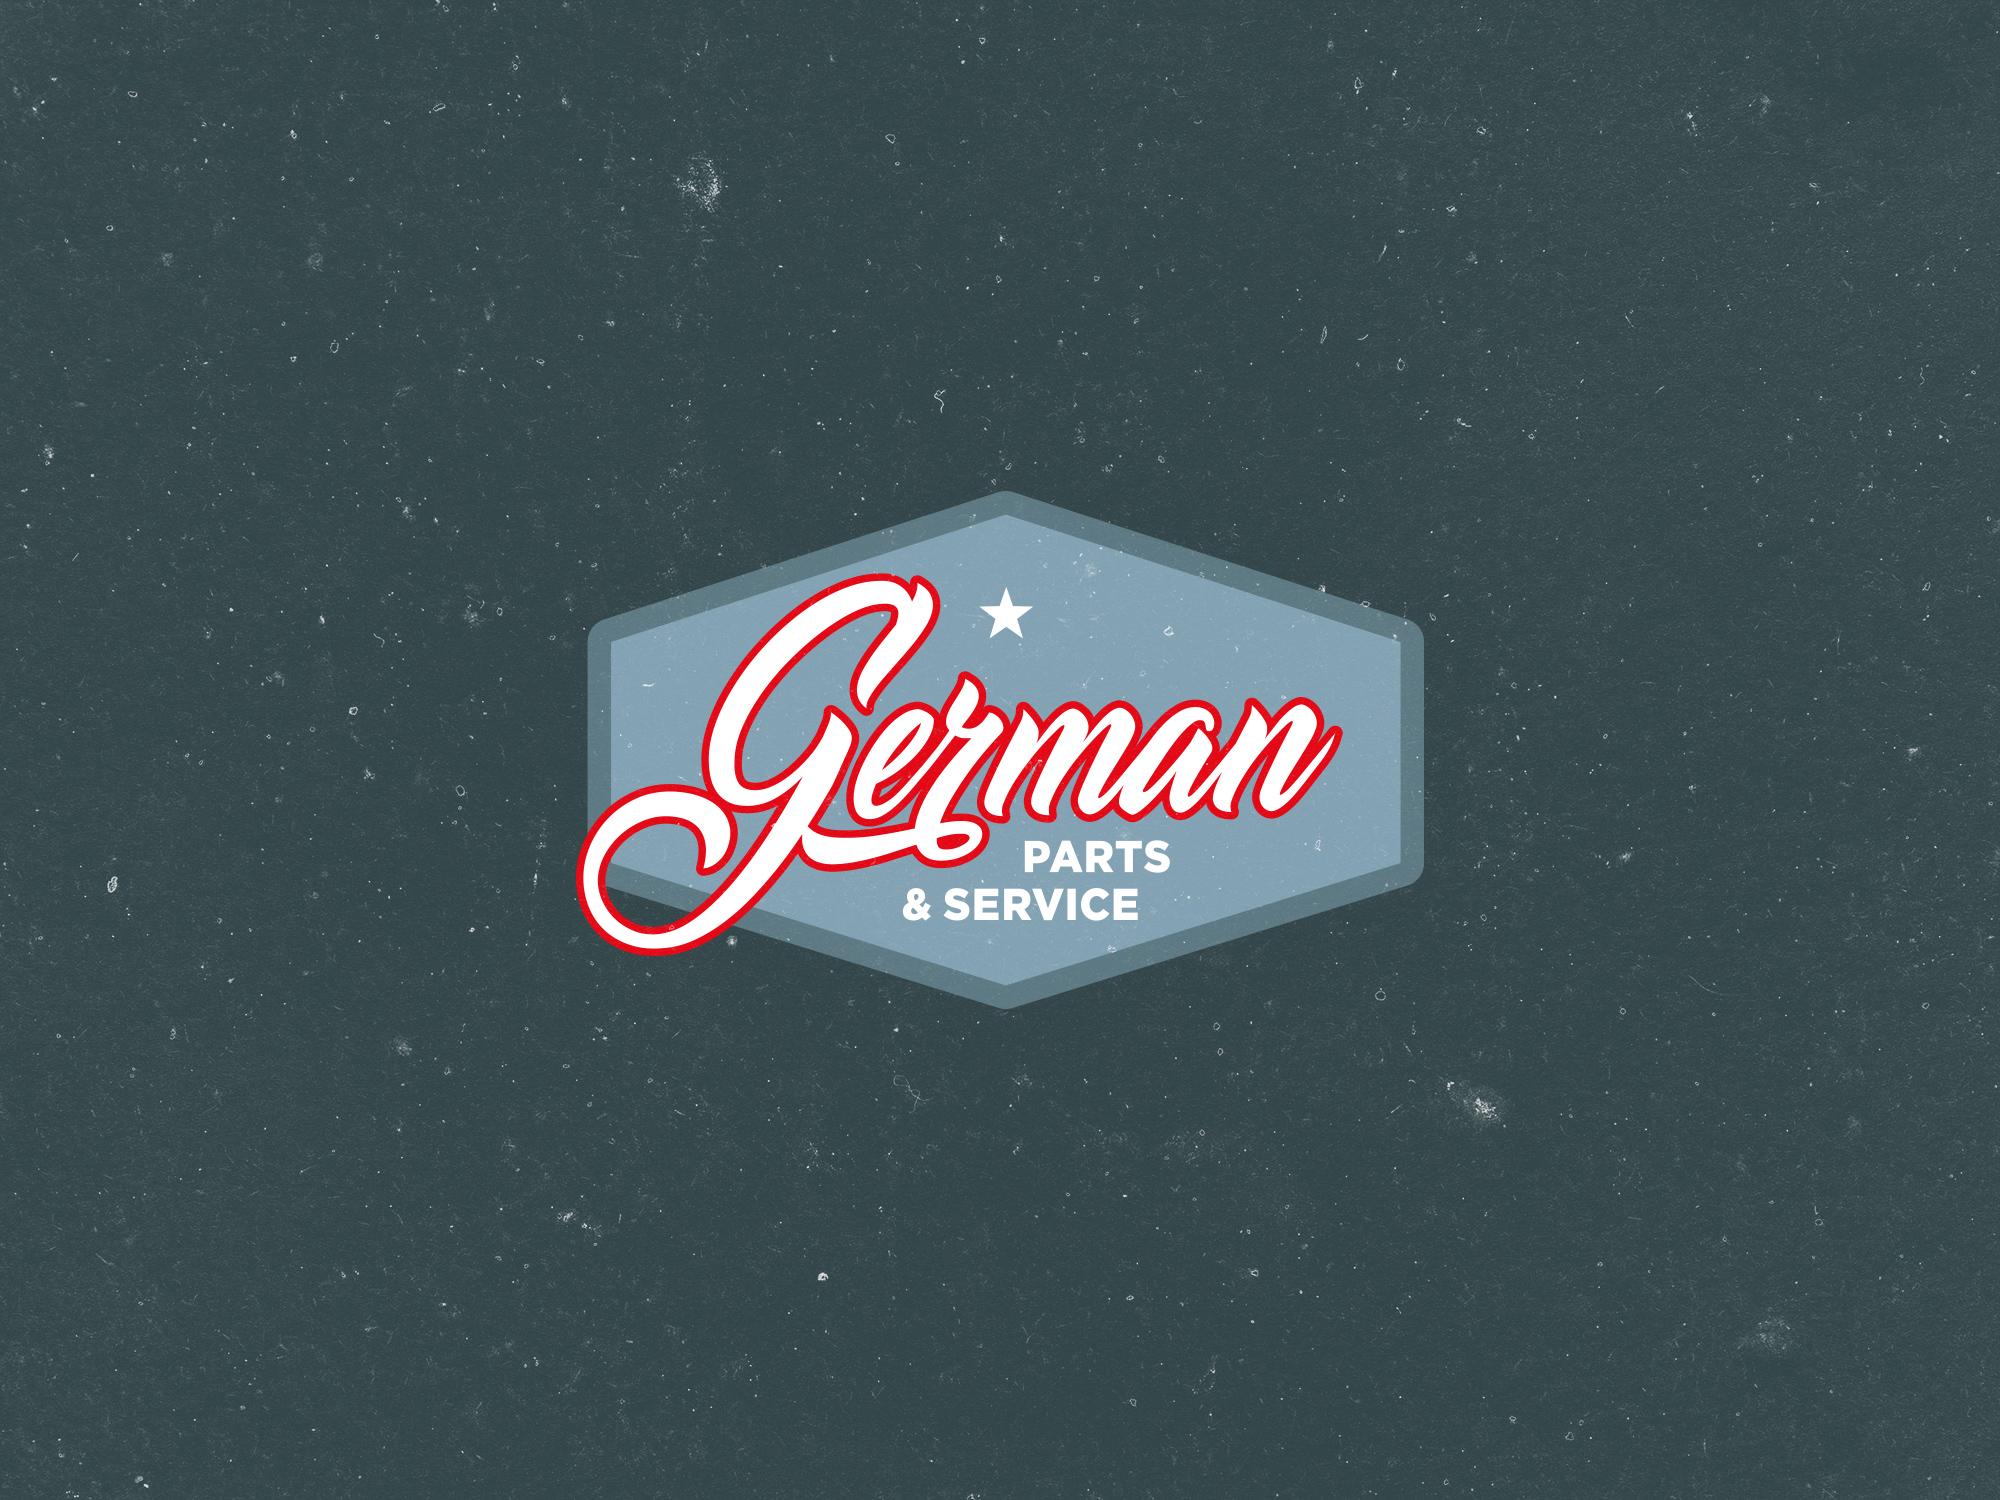 German Parts & Service